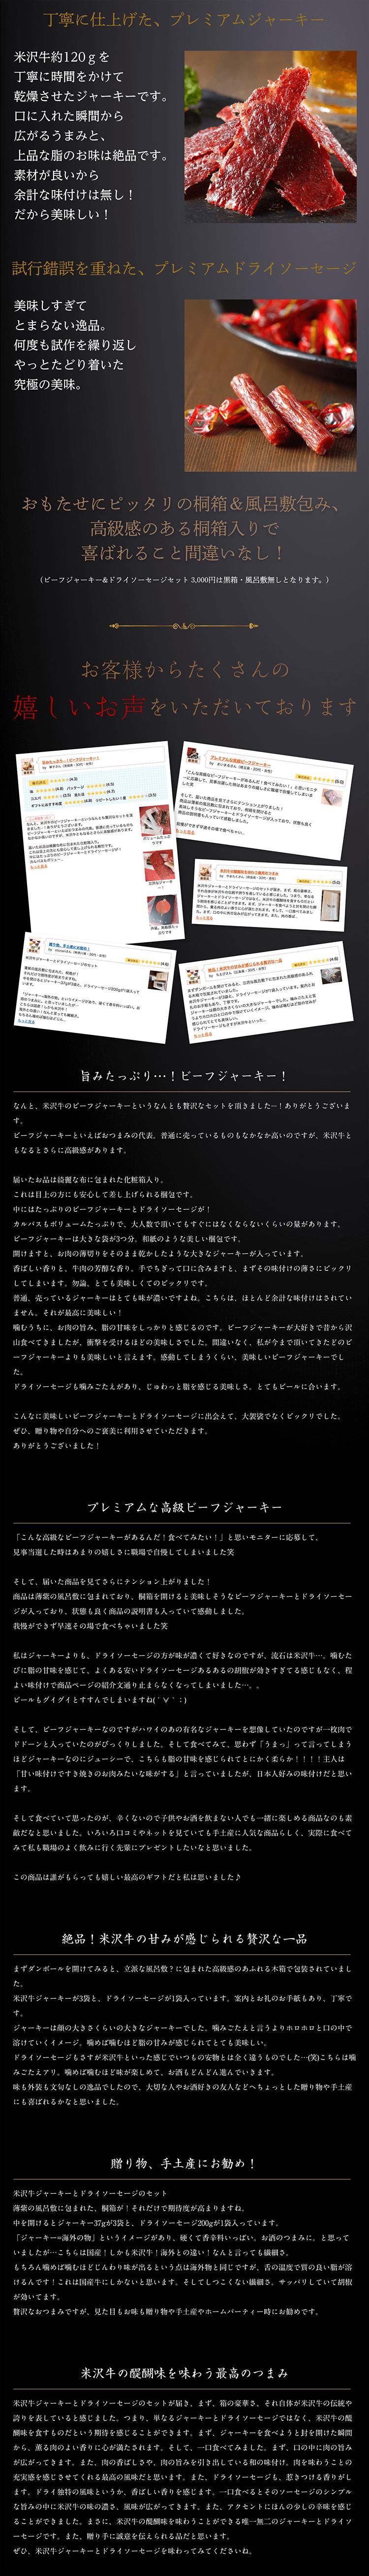 くろげ特性米沢牛ビーフジャーキービーフジャーキー&ドライソーセージセット